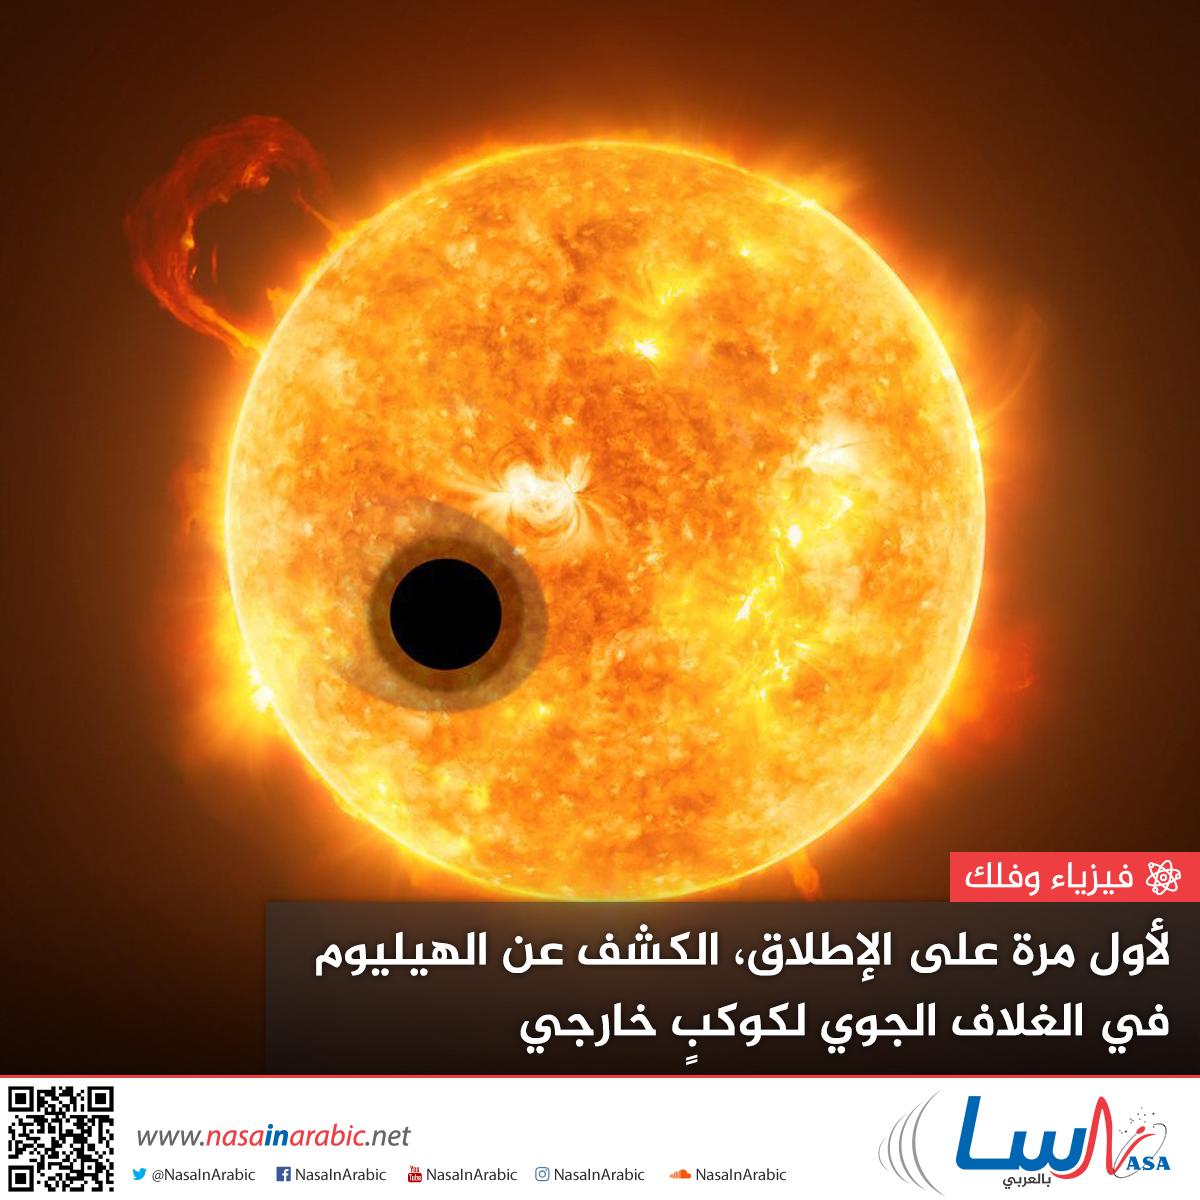 لأول مرة على الإطلاق: الكشف عن الهيليوم في الغلاف الجوي لكوكب خارجي